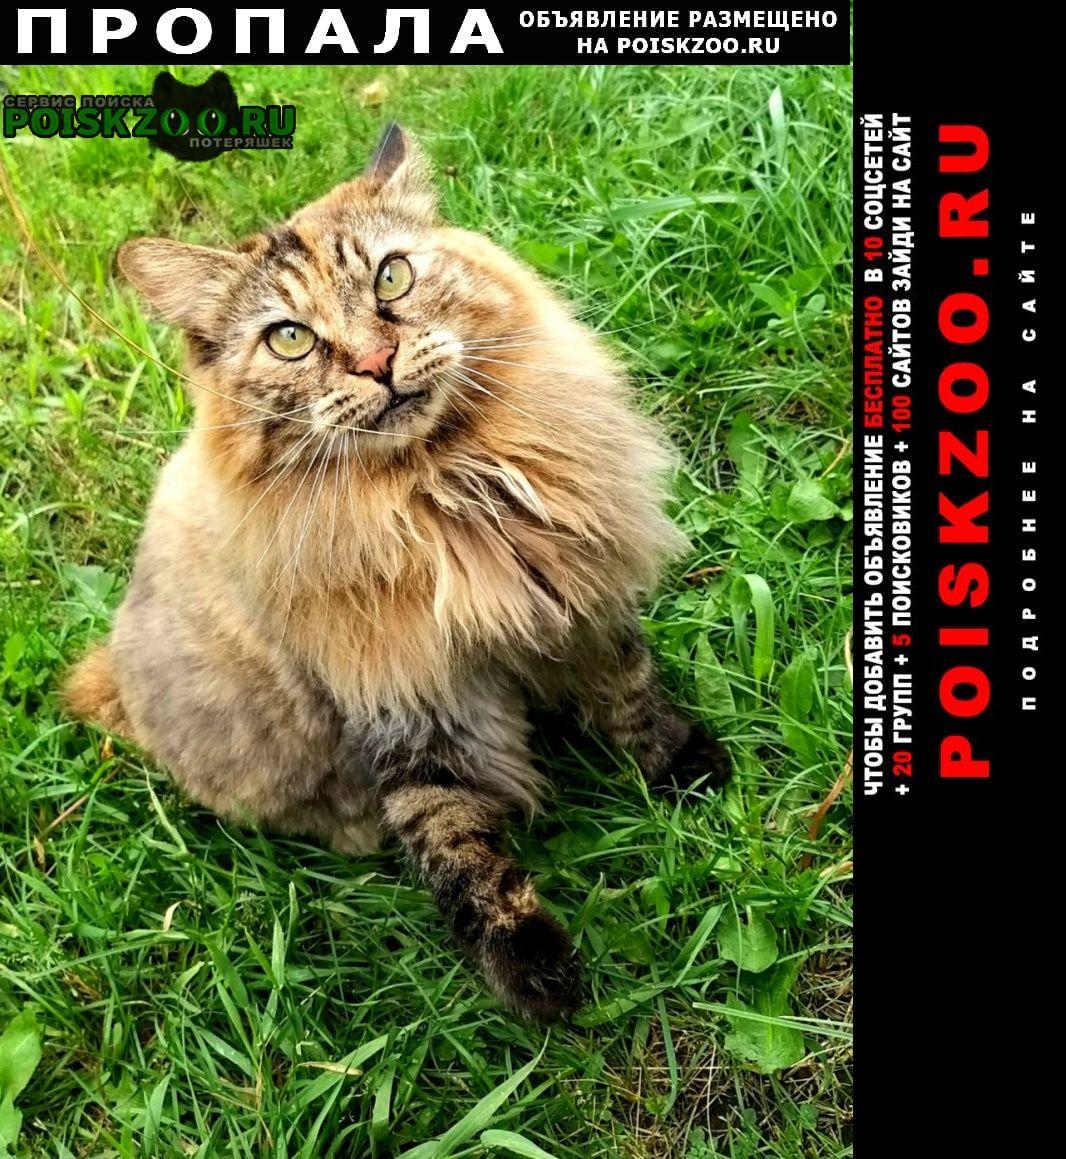 Воскресенск Пропала кошка помогите найти наше сердечко